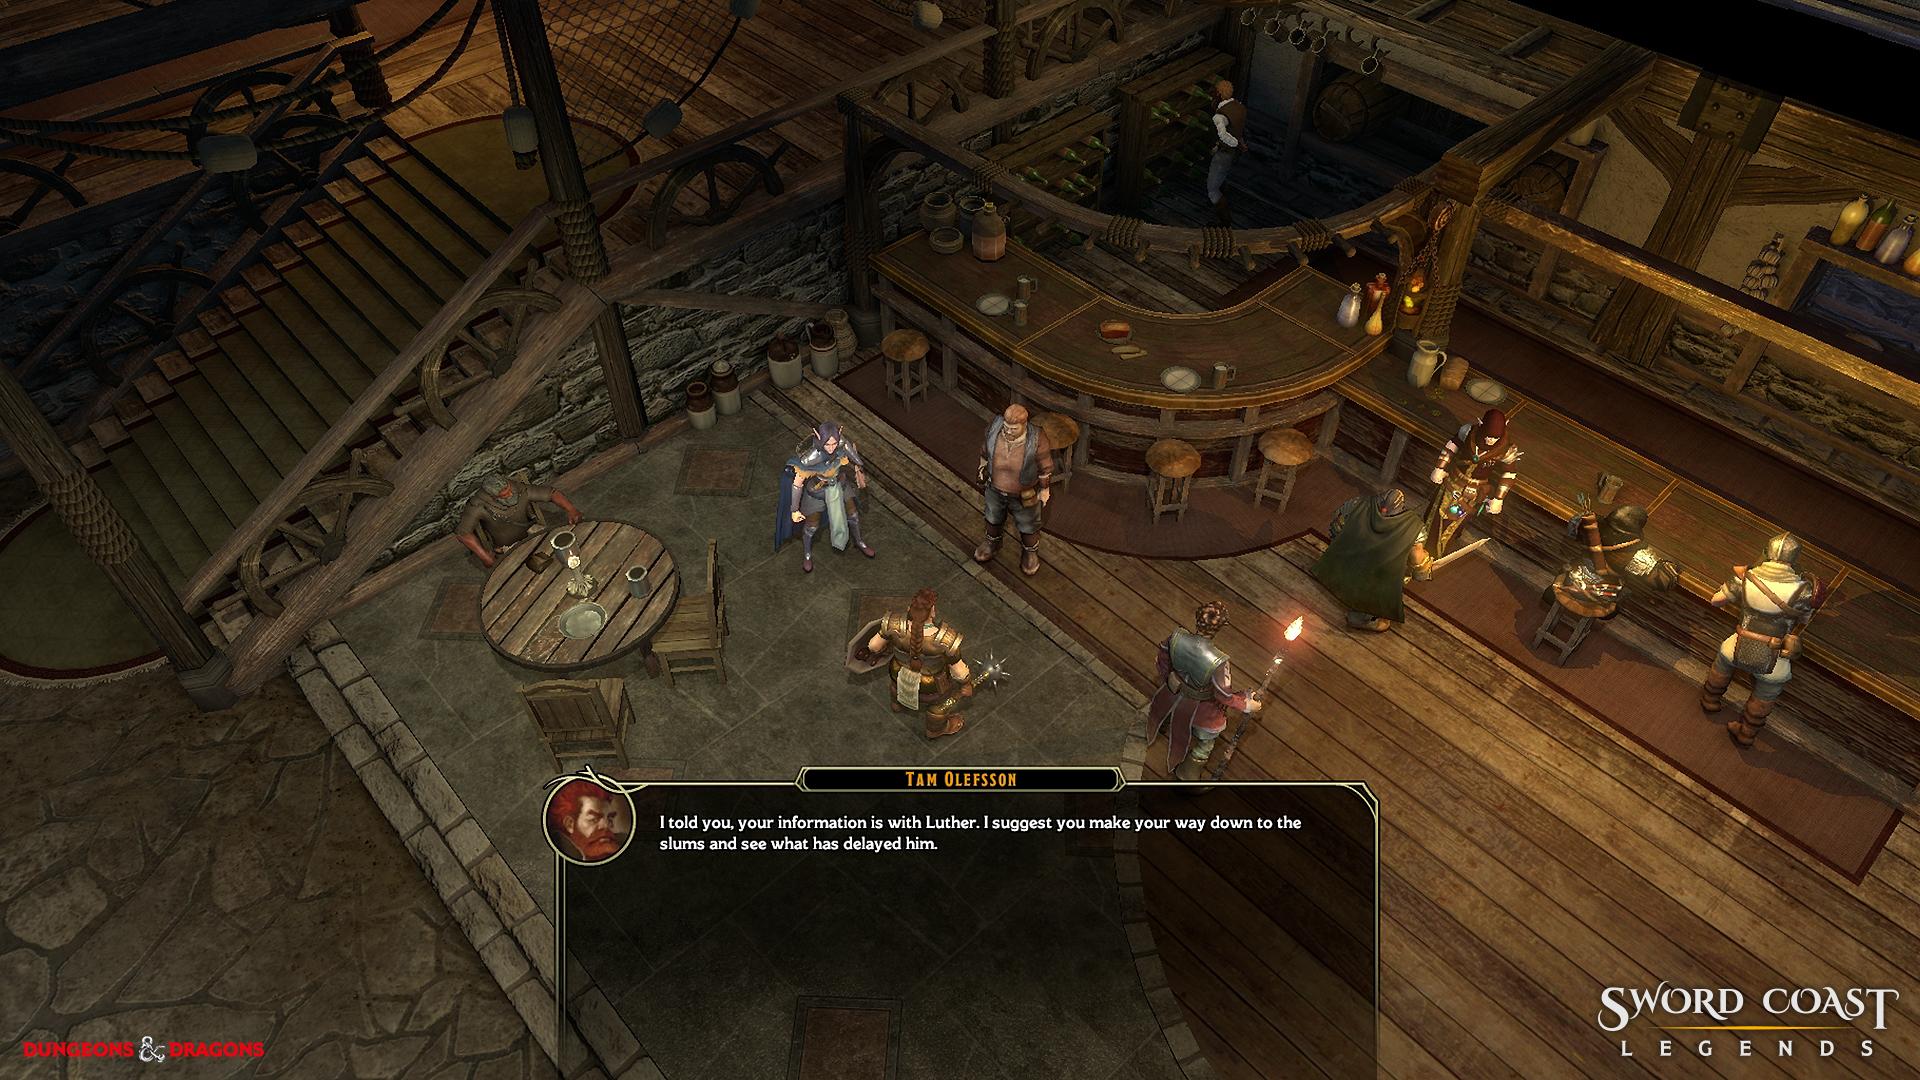 Sword Coast Legends: Rage of Demons Screenshot 1